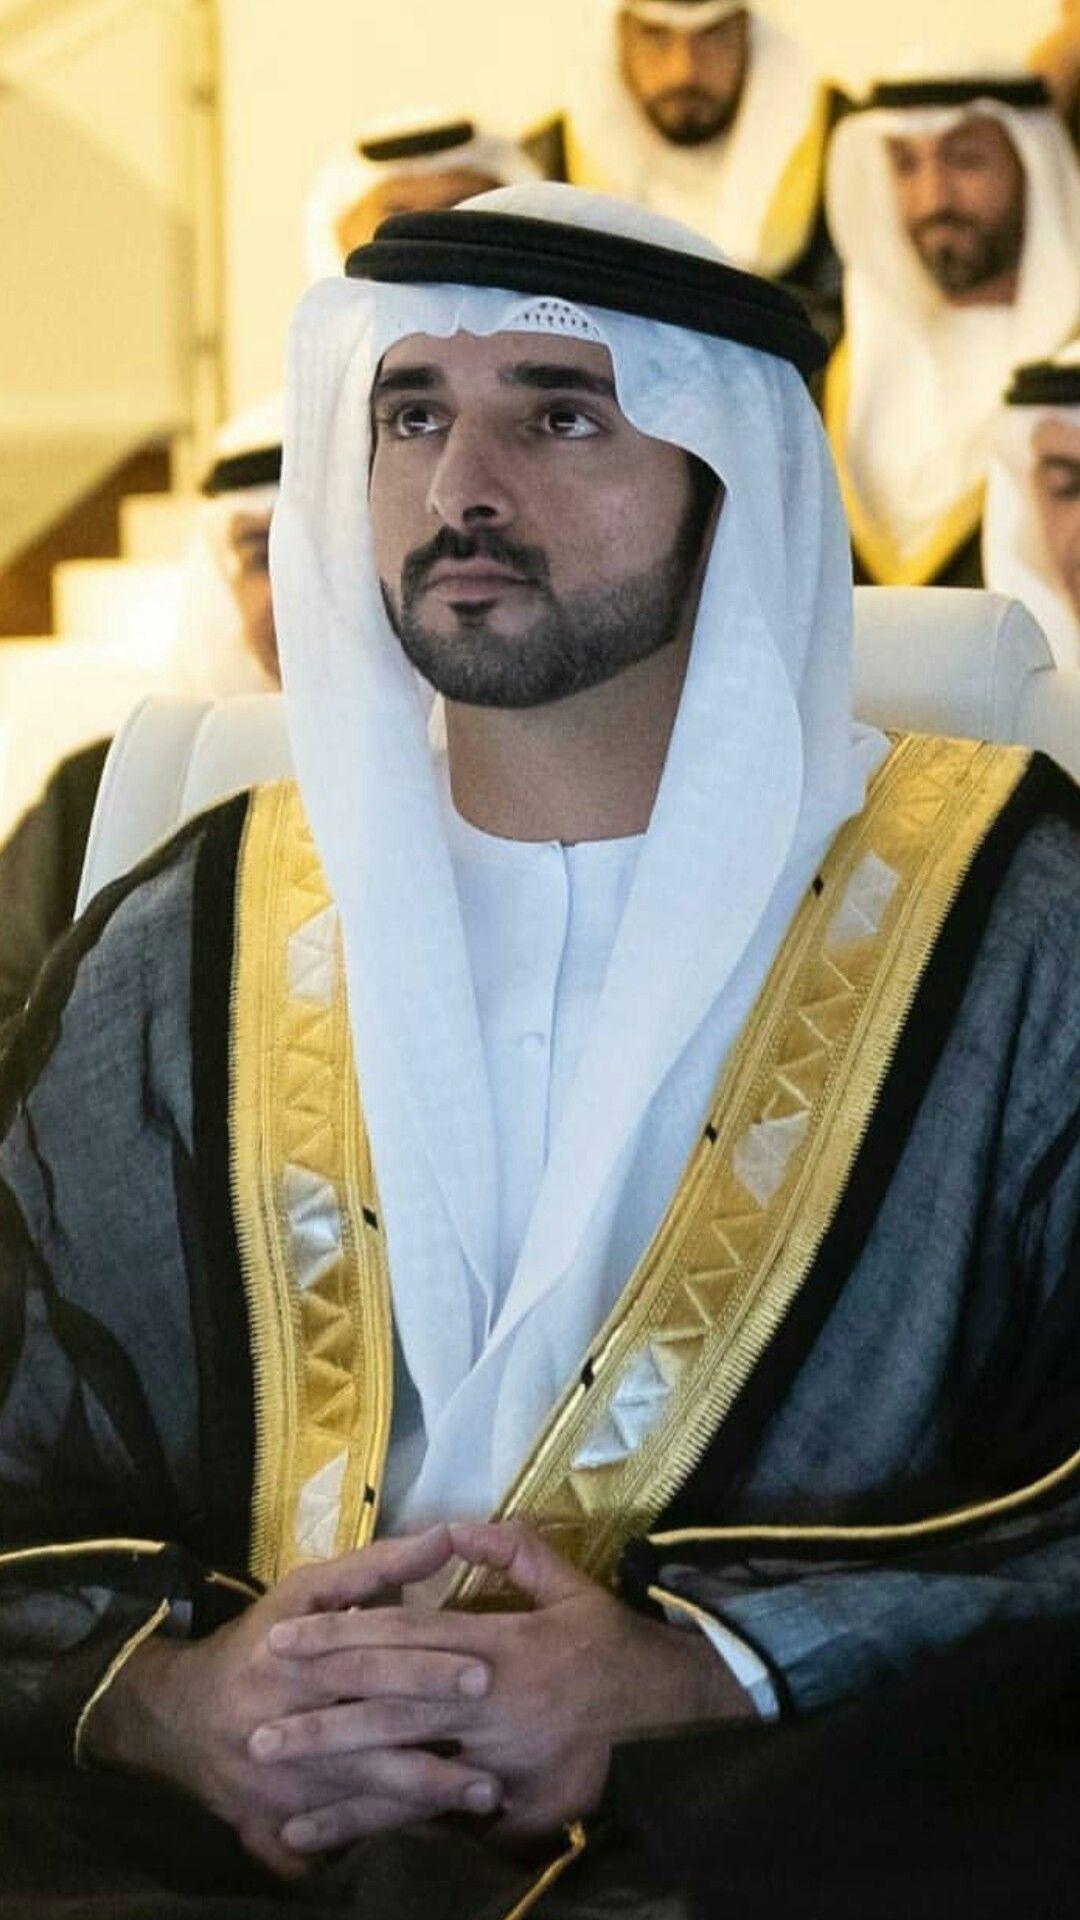 Pin by prince hamdan on hamdan faz3 in 2020 prince crown